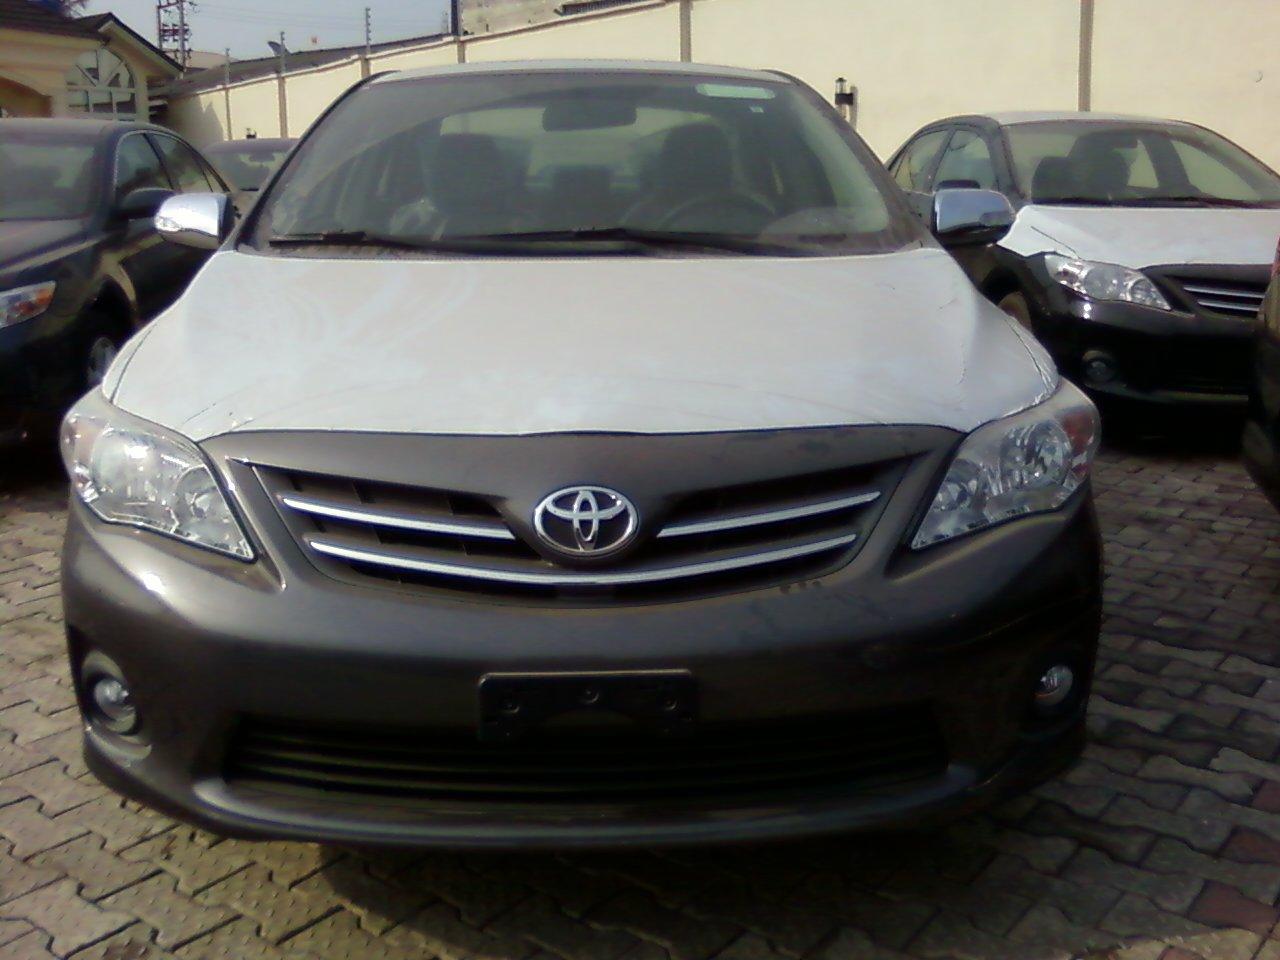 brand new toyota camry price in nigeria grand avanza e matic a 2013 corola gli for sale 5m